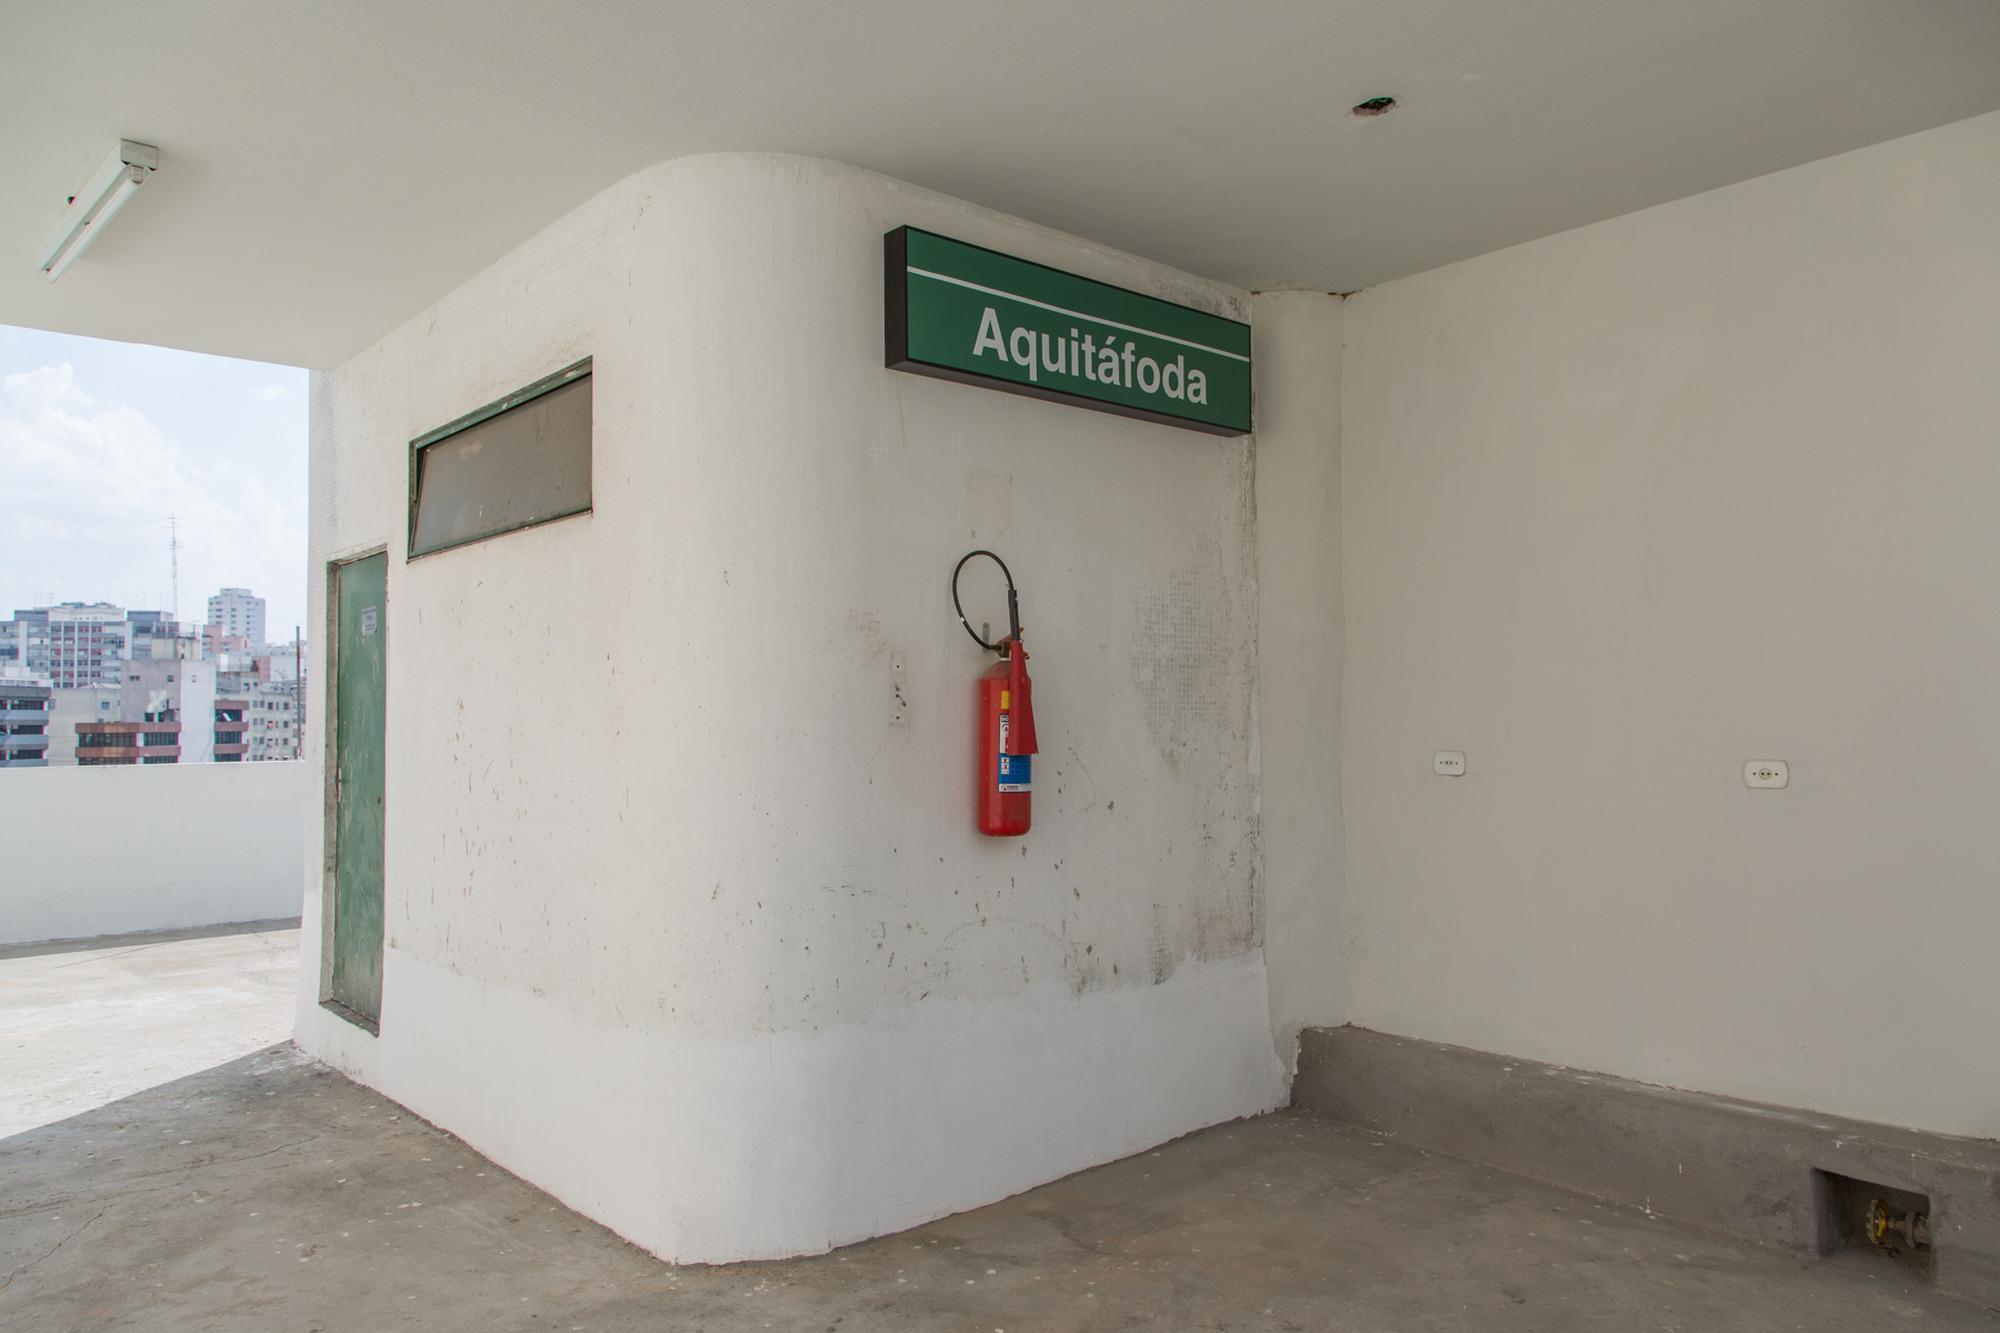 5 Observatório - Acareação - Bruno Baptistelli, Aquitáfoda II